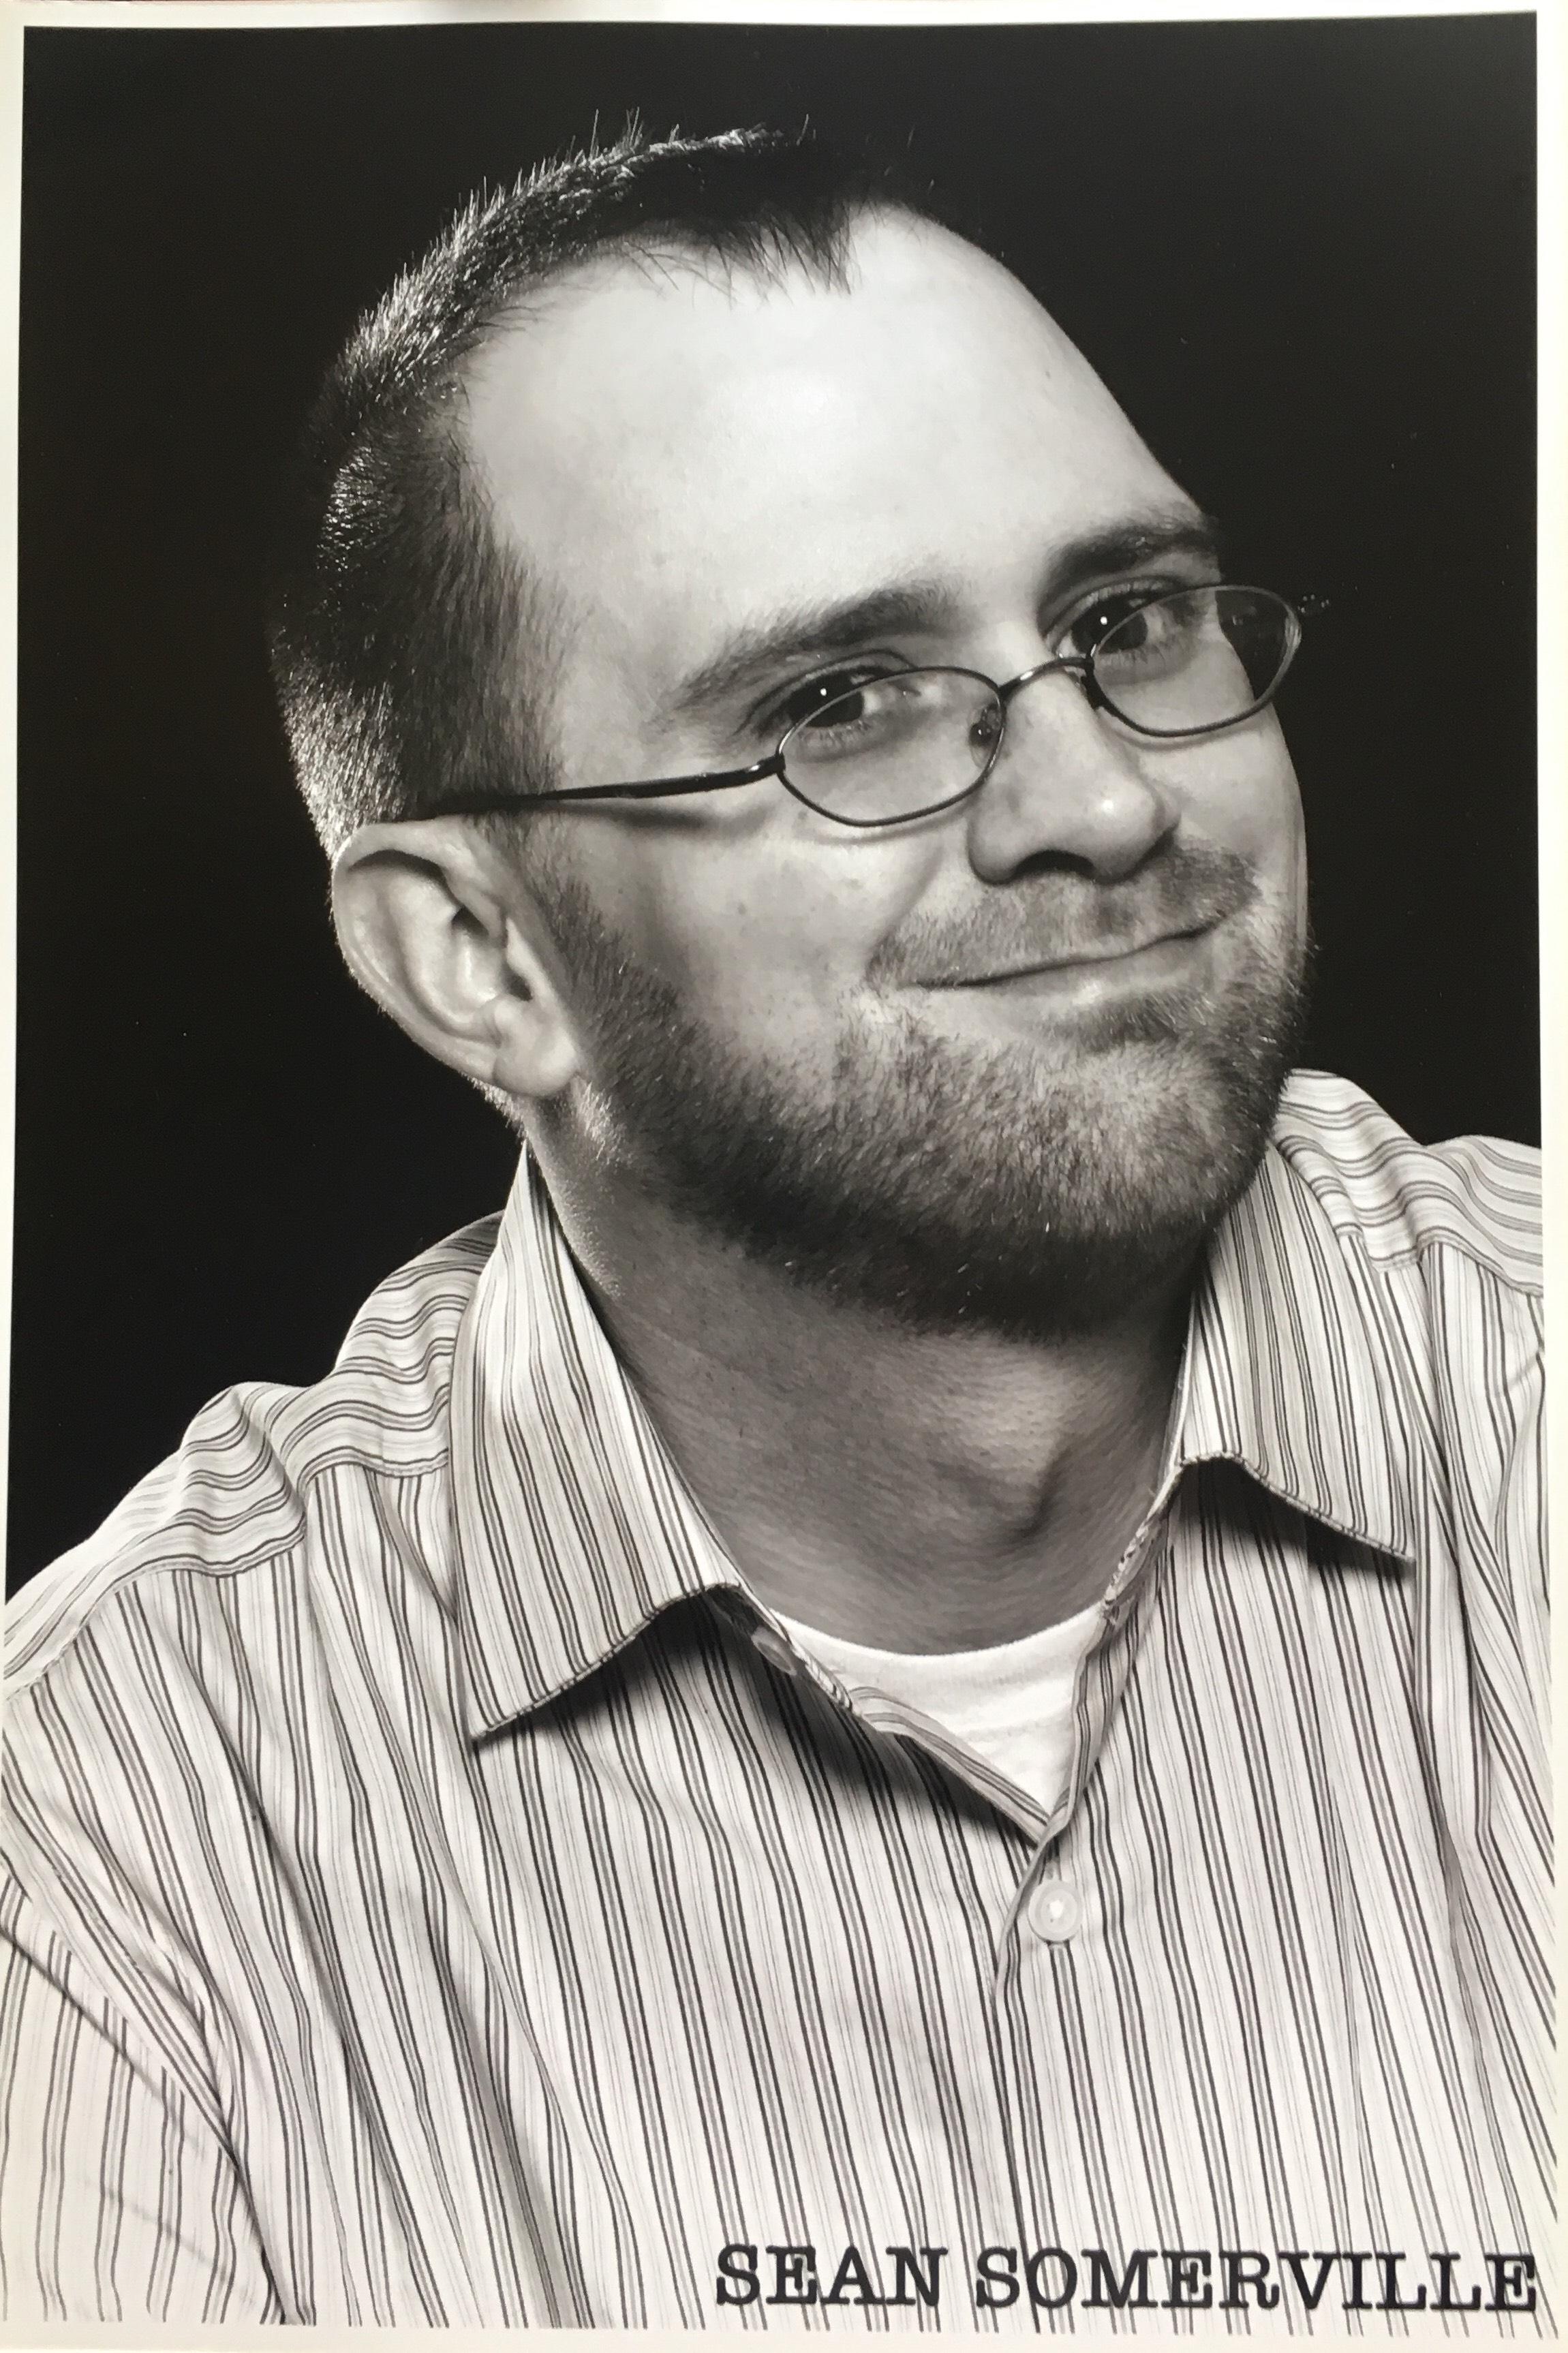 Sean Somerville